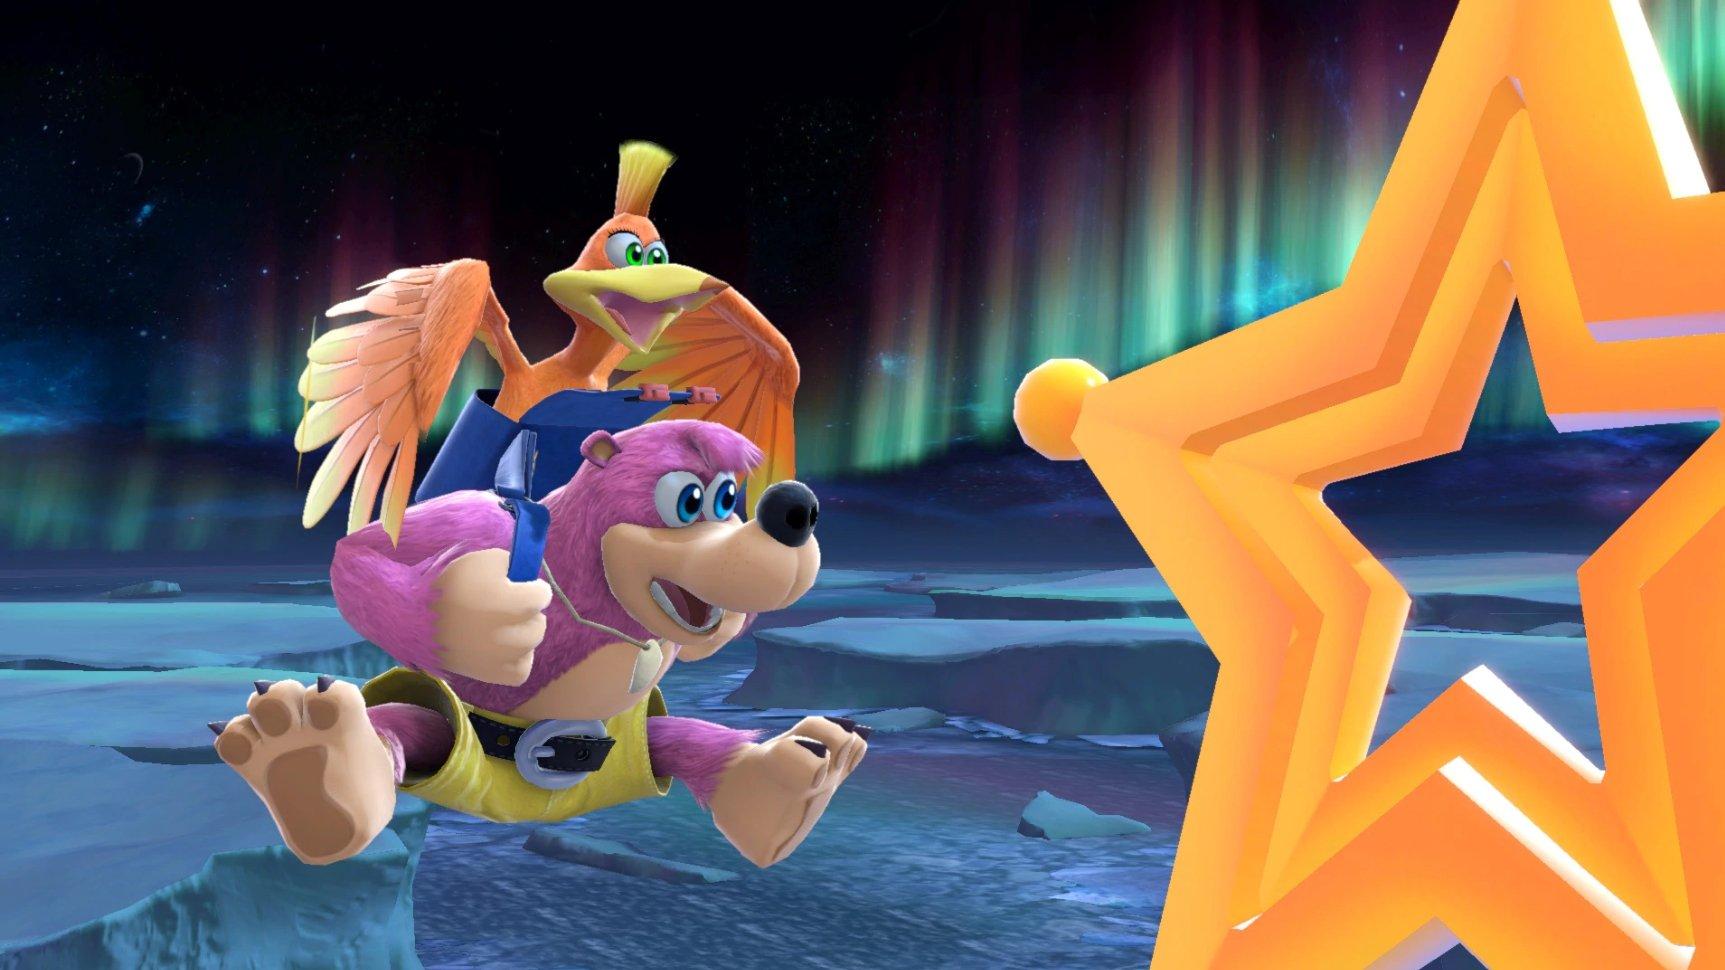 De nouvelles images de Banjo-Kazooie et Dragon Quest Hero Smash Ultimate apparaissent.